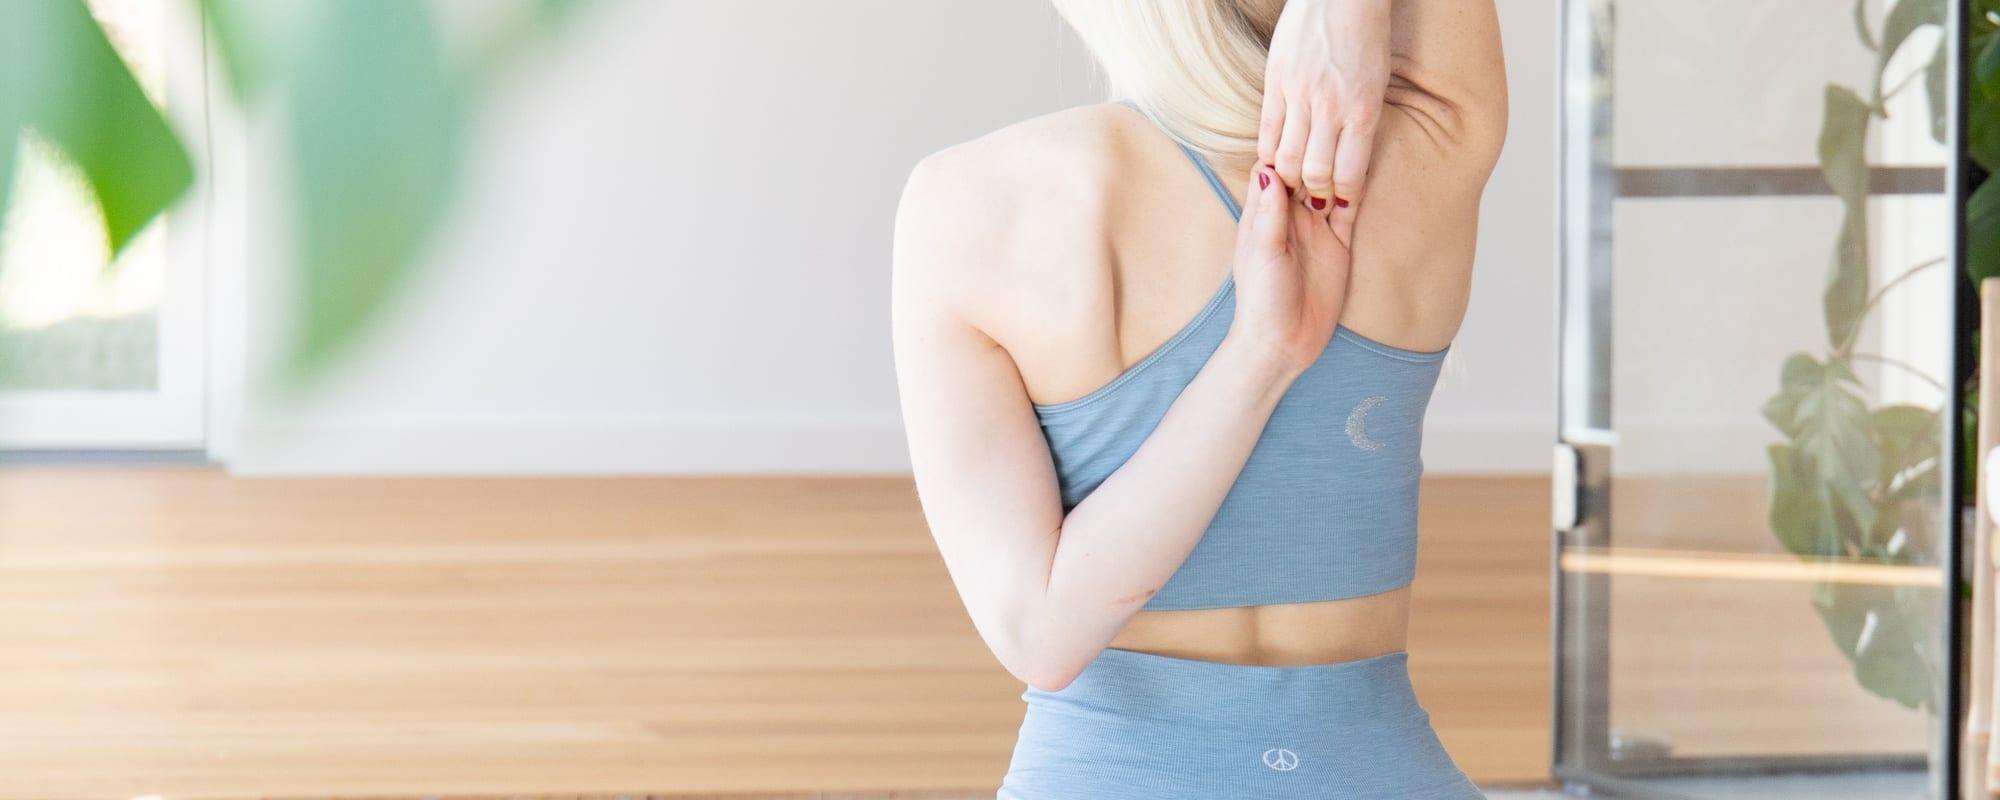 4 yogastillinger mod spændinger i skuldre og nakke